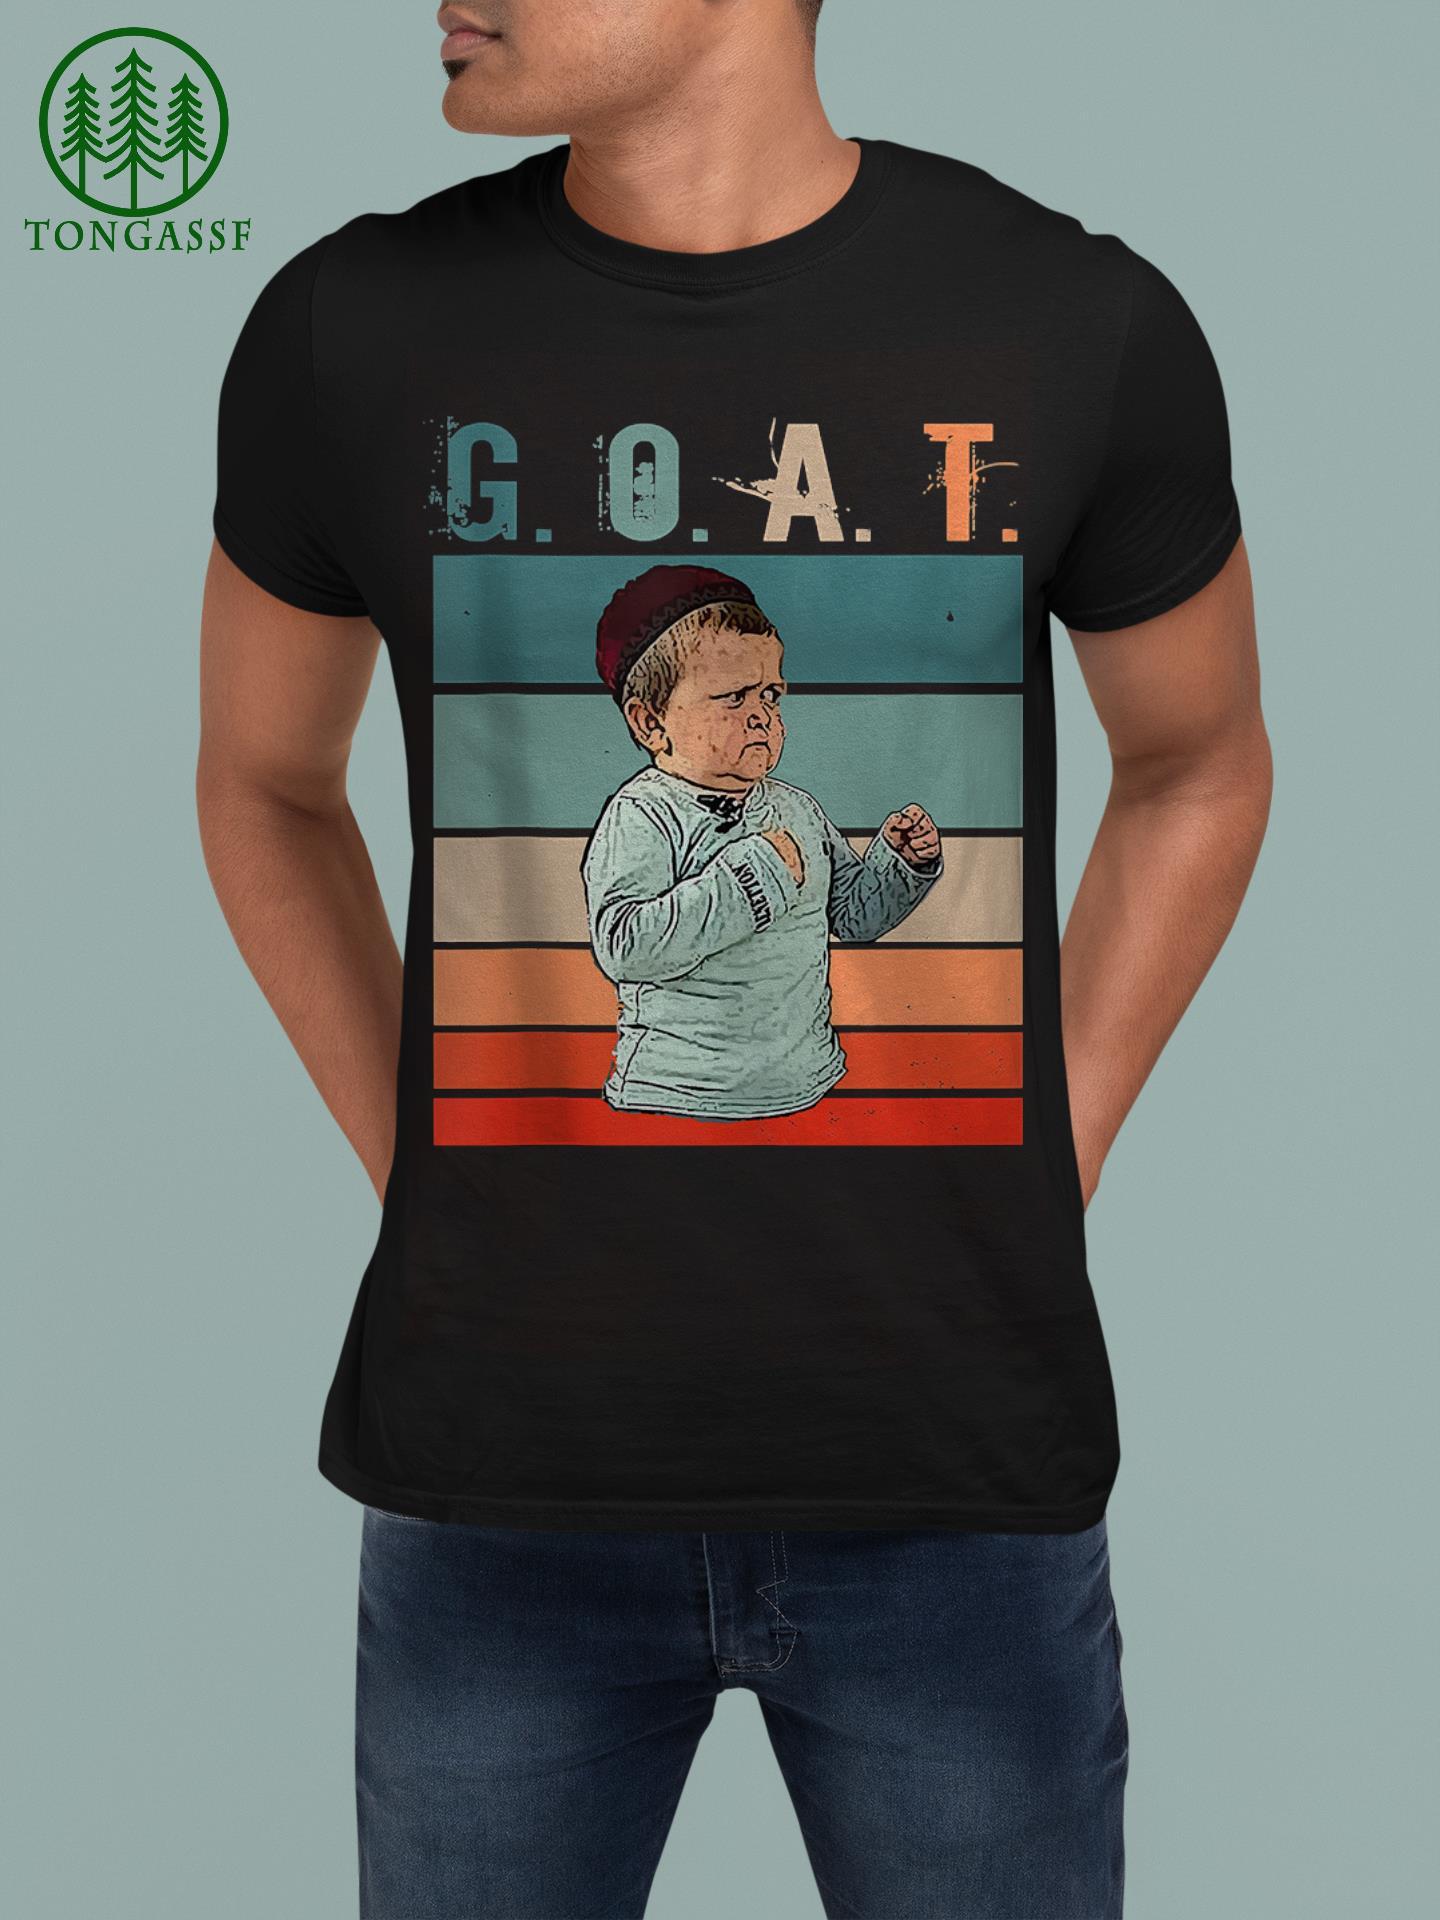 GOAT MMA Hasbulla Fighting Meme Shirt